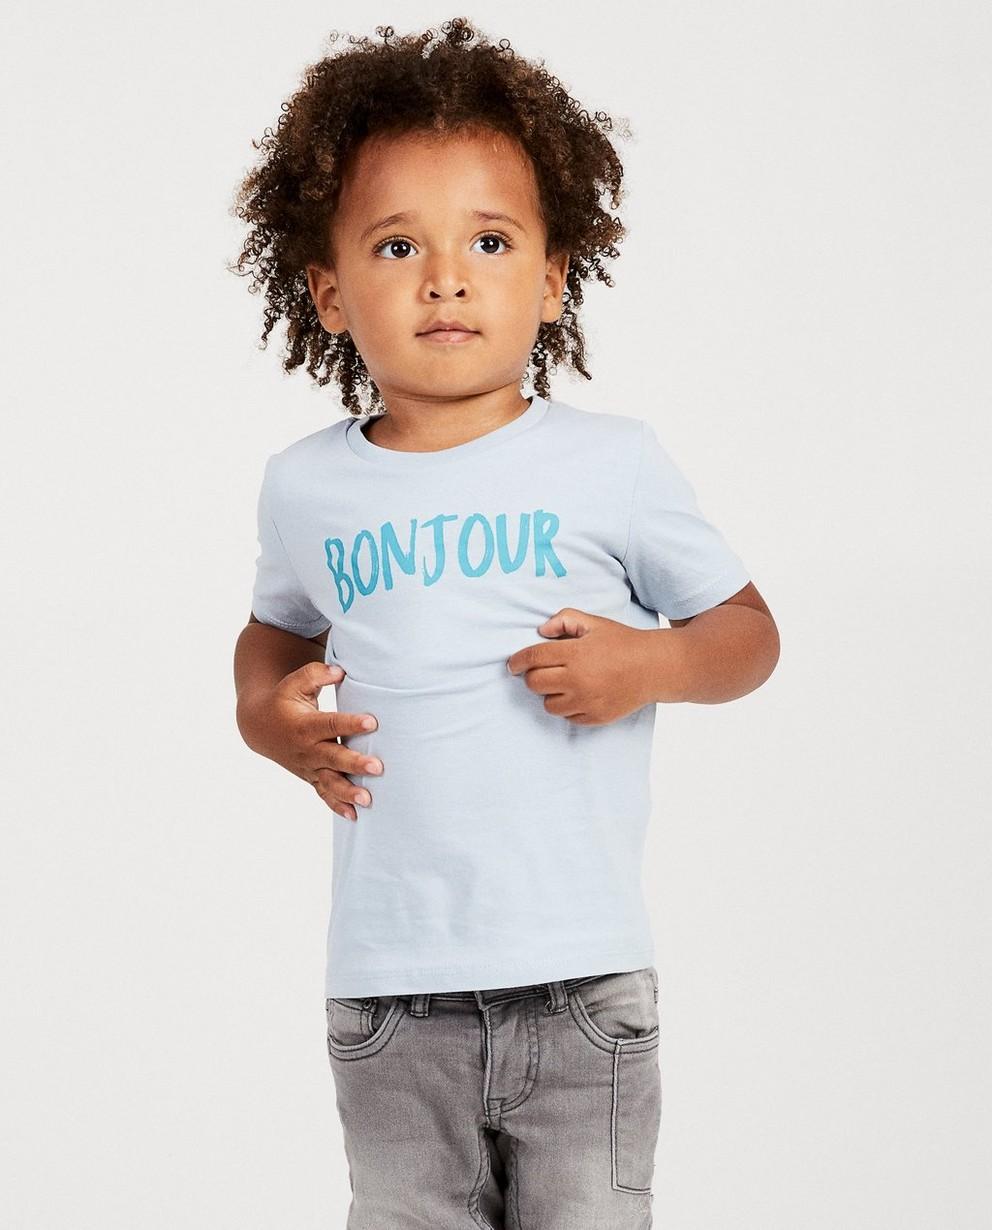 T-shirts - light turquise - T-shirt bleu, imprimé BESTies